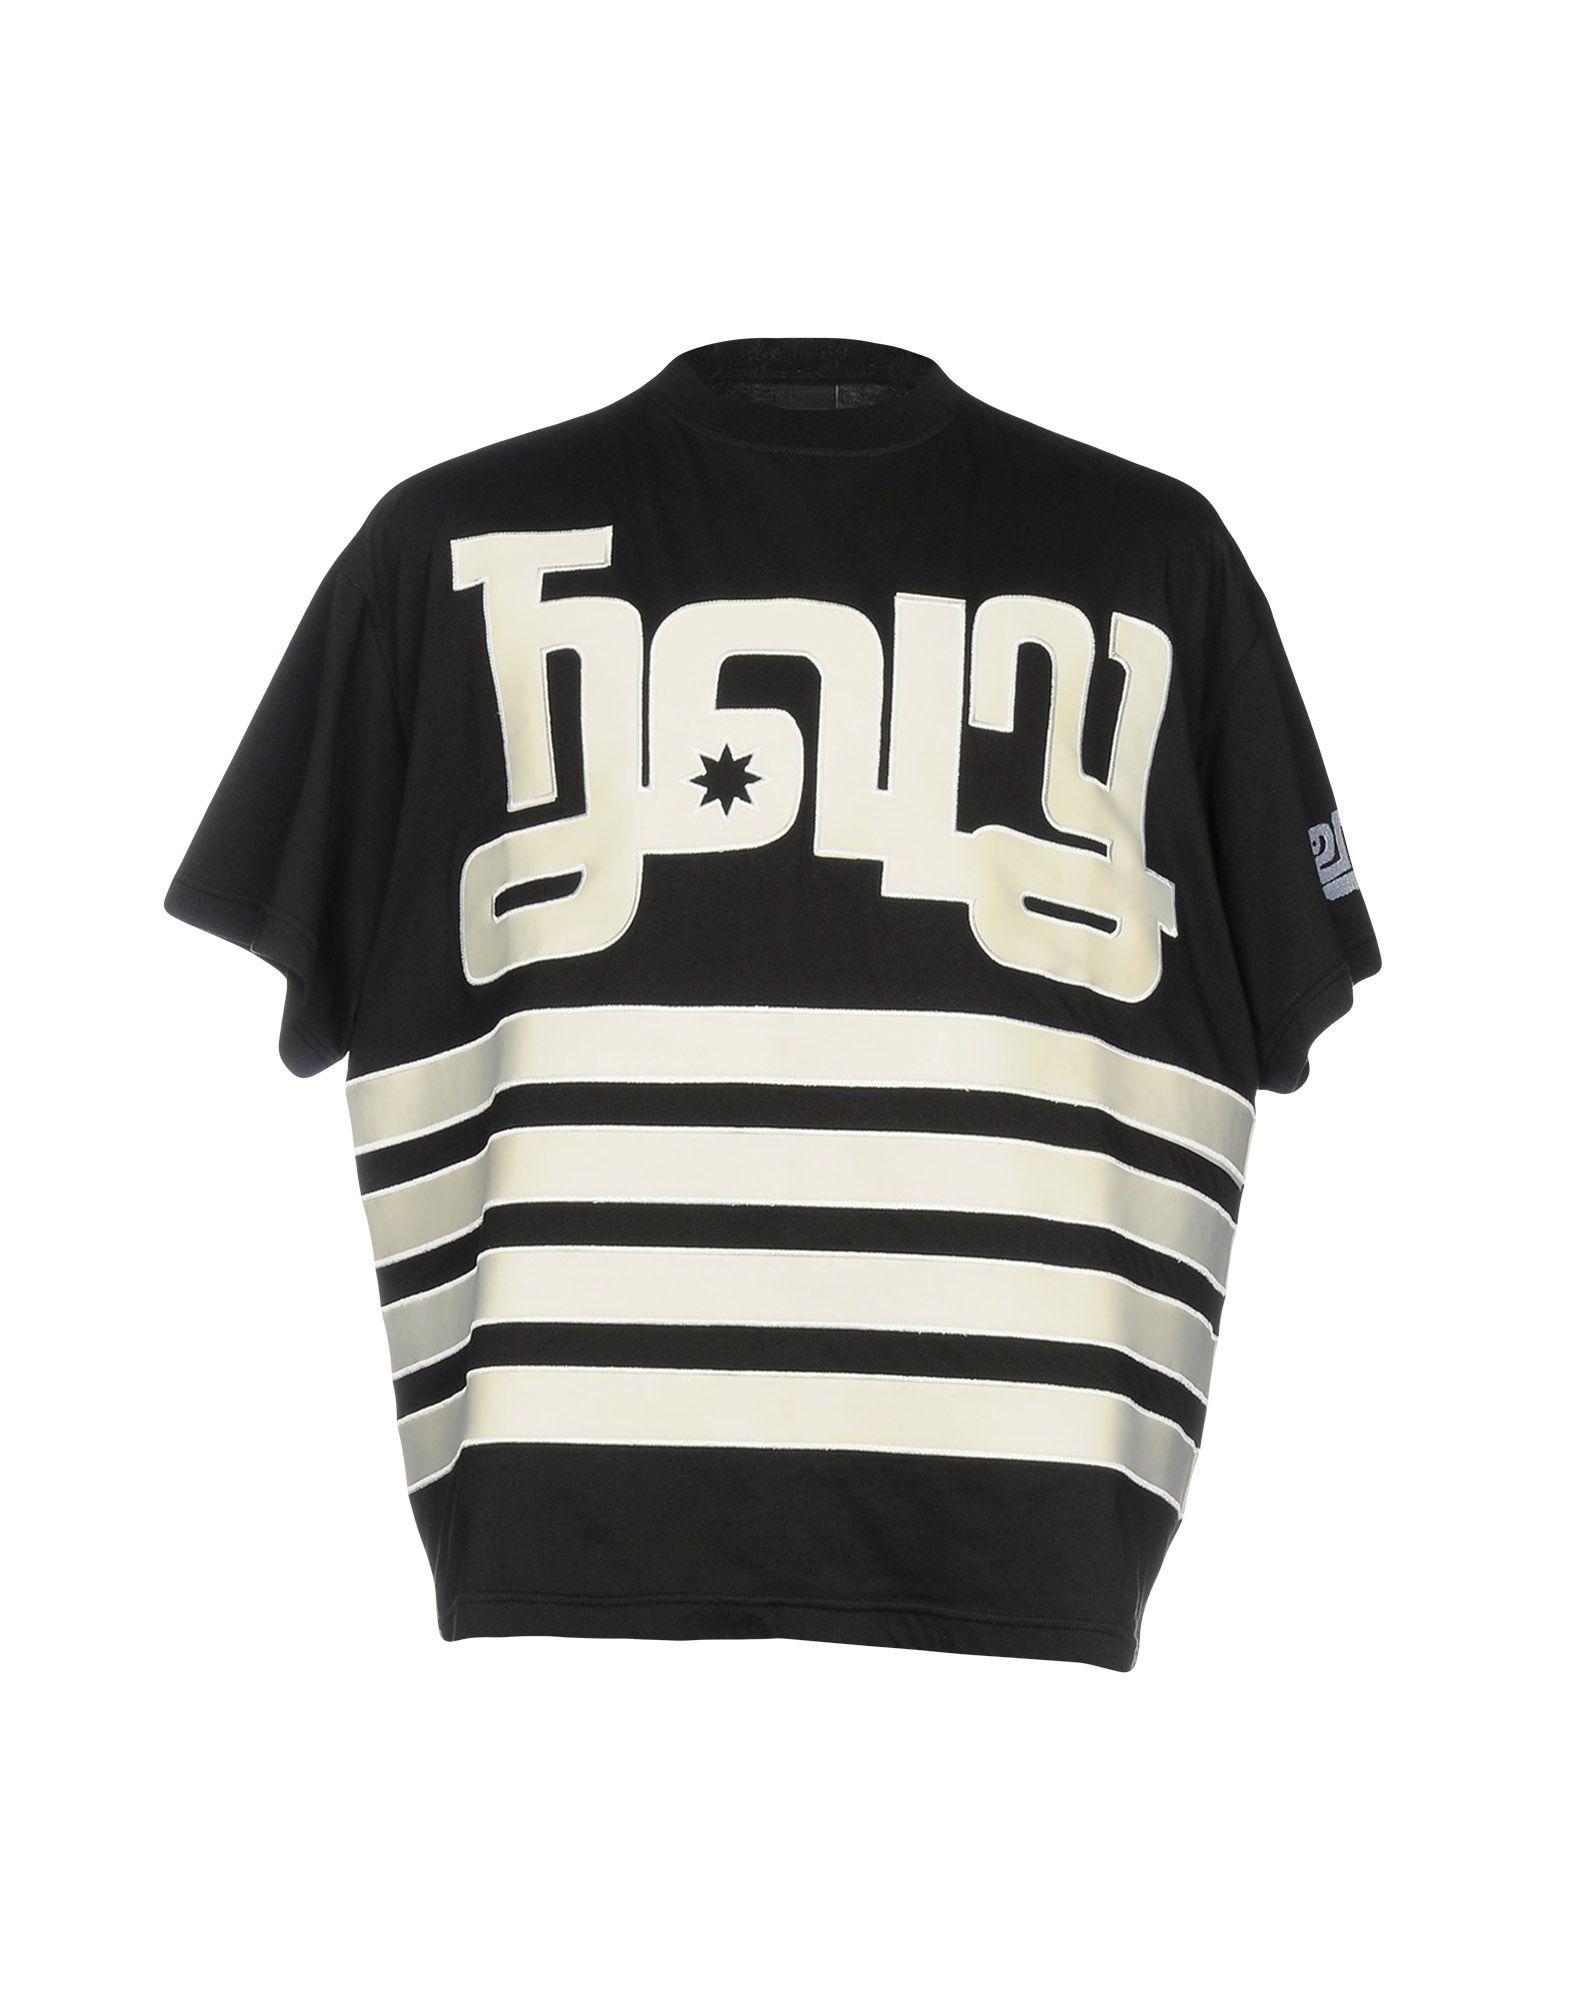 《送料無料》KTZ メンズ スウェットシャツ ブラック S コットン 100%